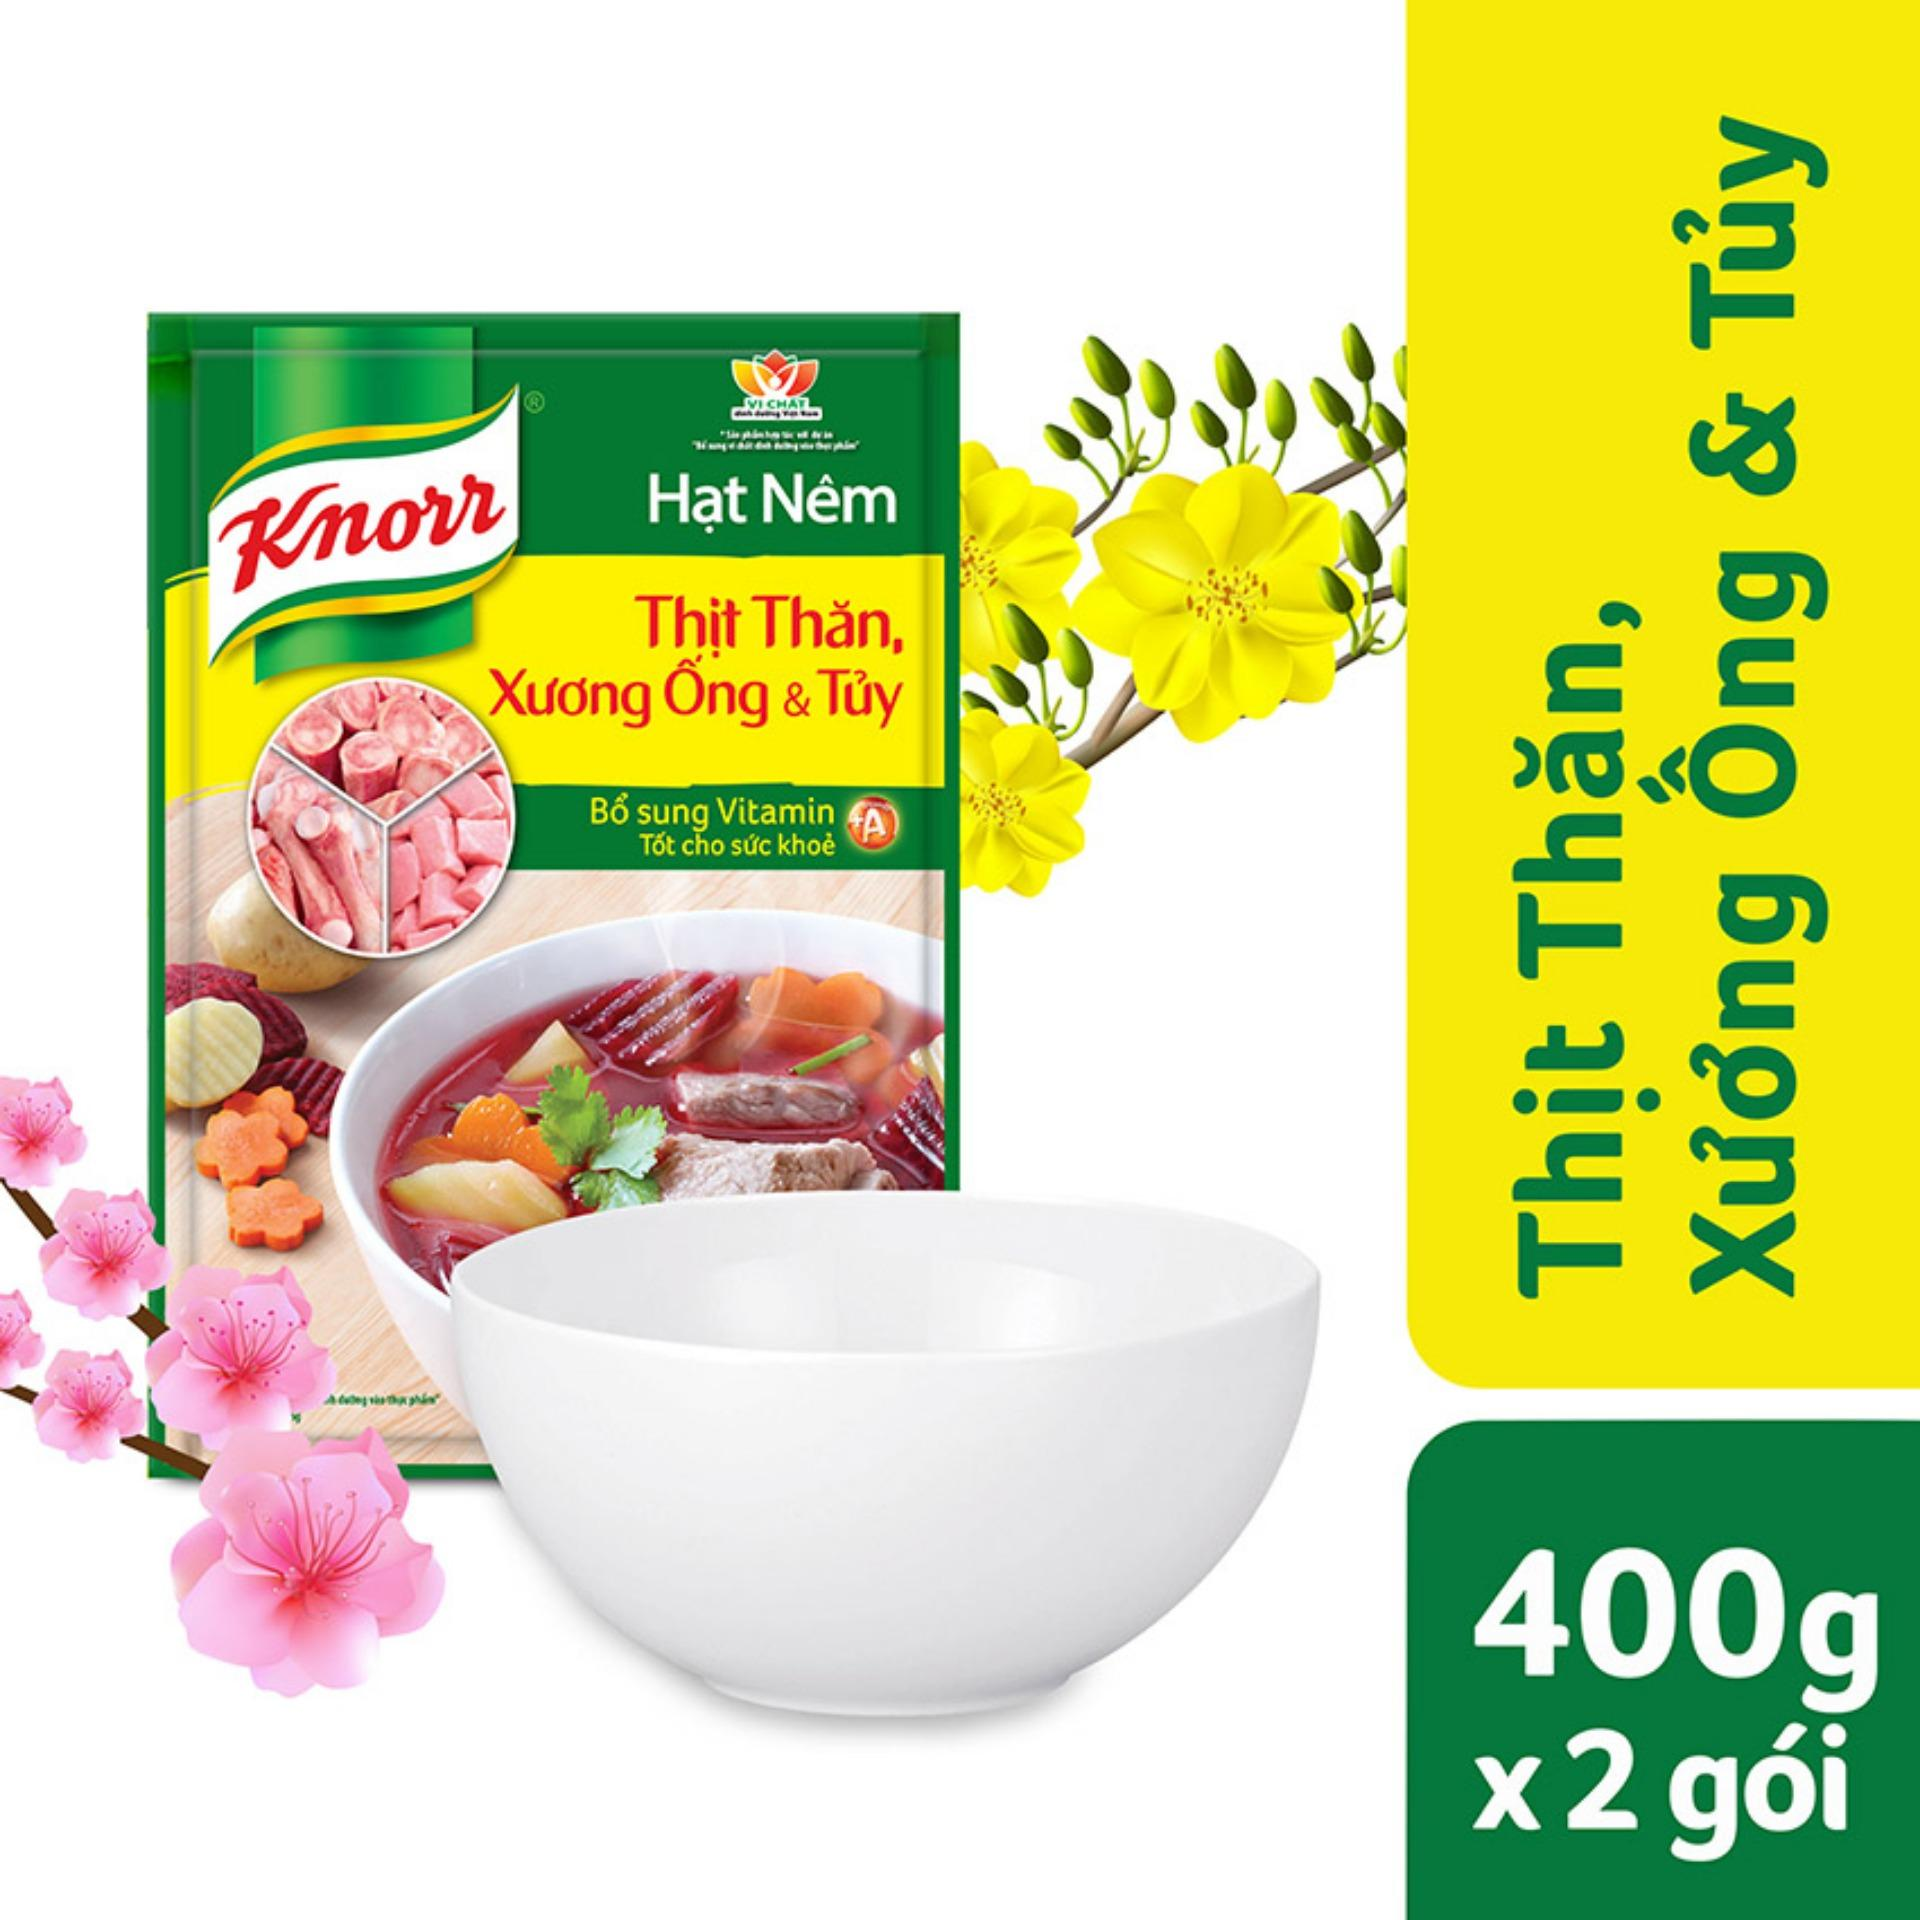 Hạt nêm Knorr Thịt thăn xương ống & tuỷ 400g x2 gói + Tặng 01 tô sứ